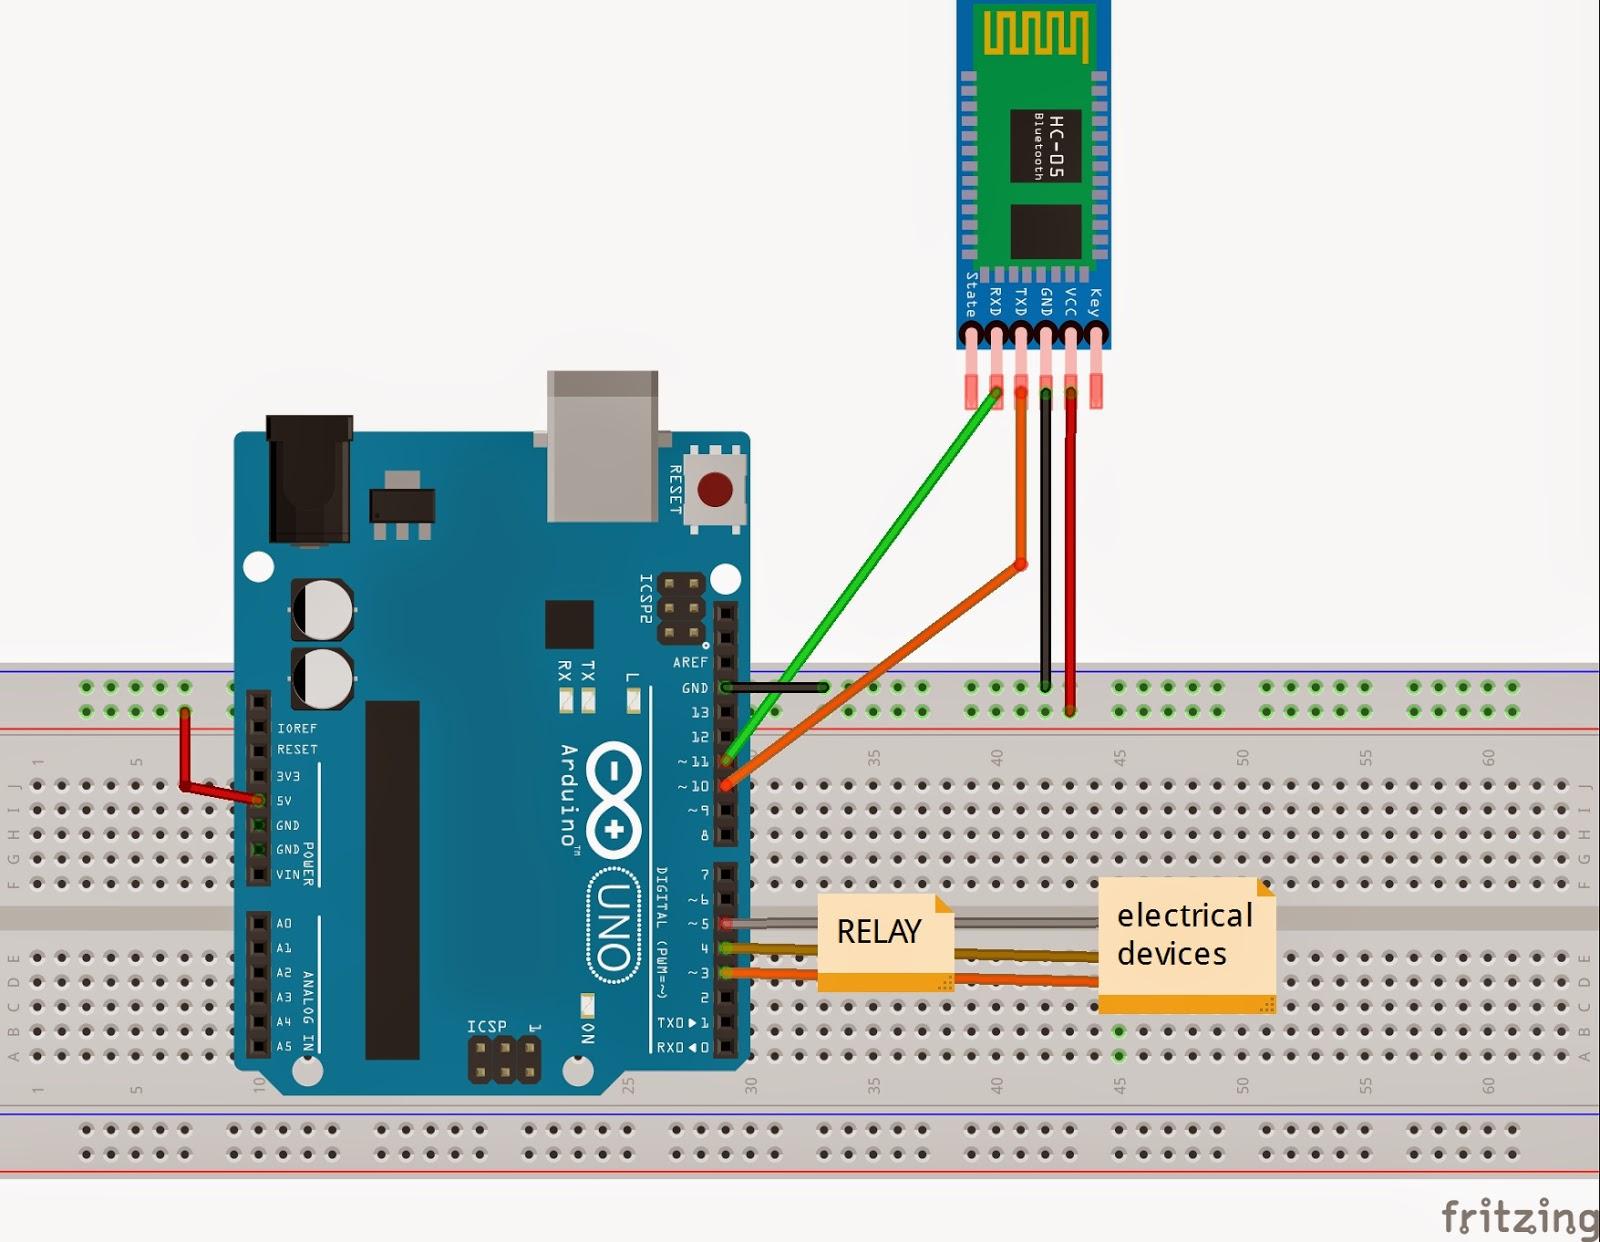 sensors - Do I use an Arduino or an ARM based